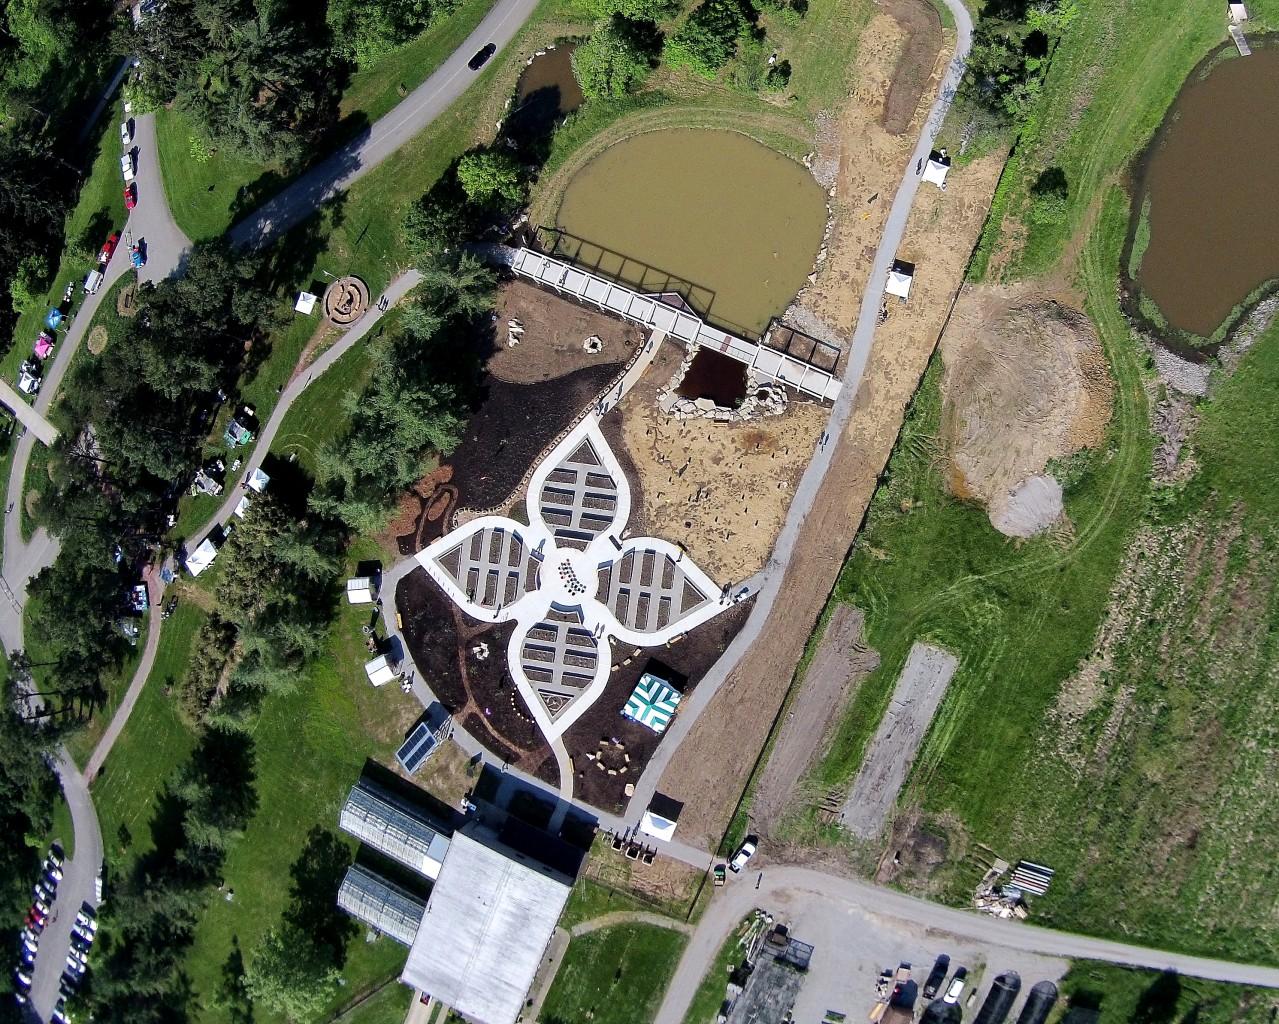 Overhead view of Edible Garden